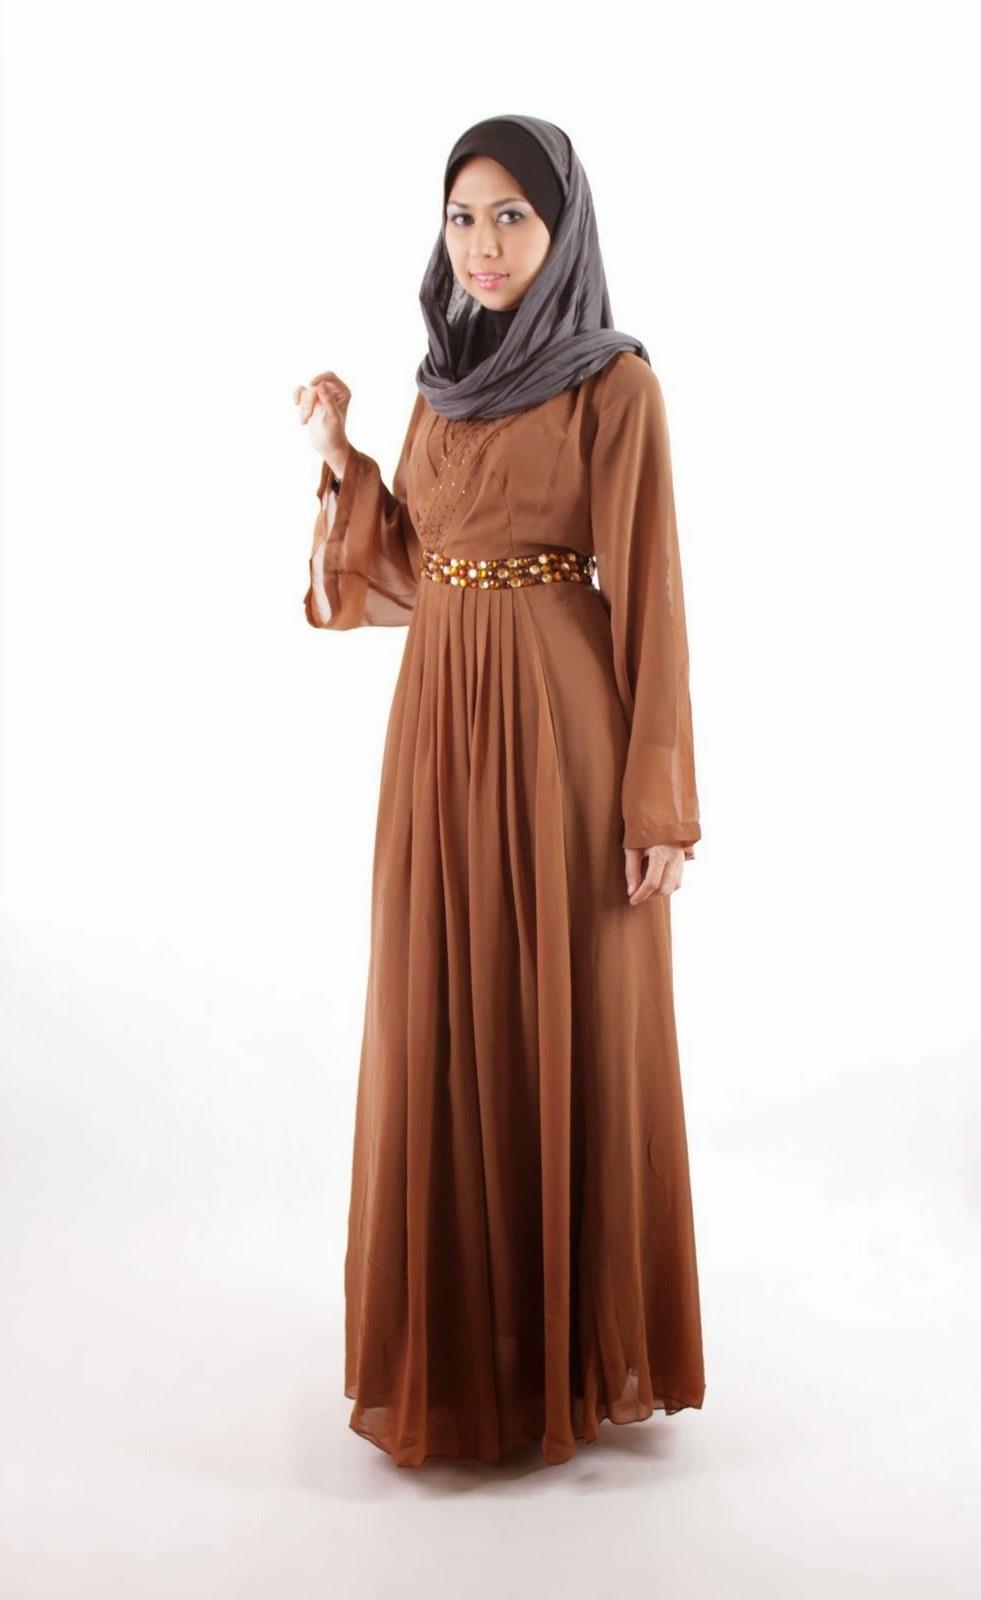 Ide Fashion Muslimah Qwdq Muslimah Fashion 2014